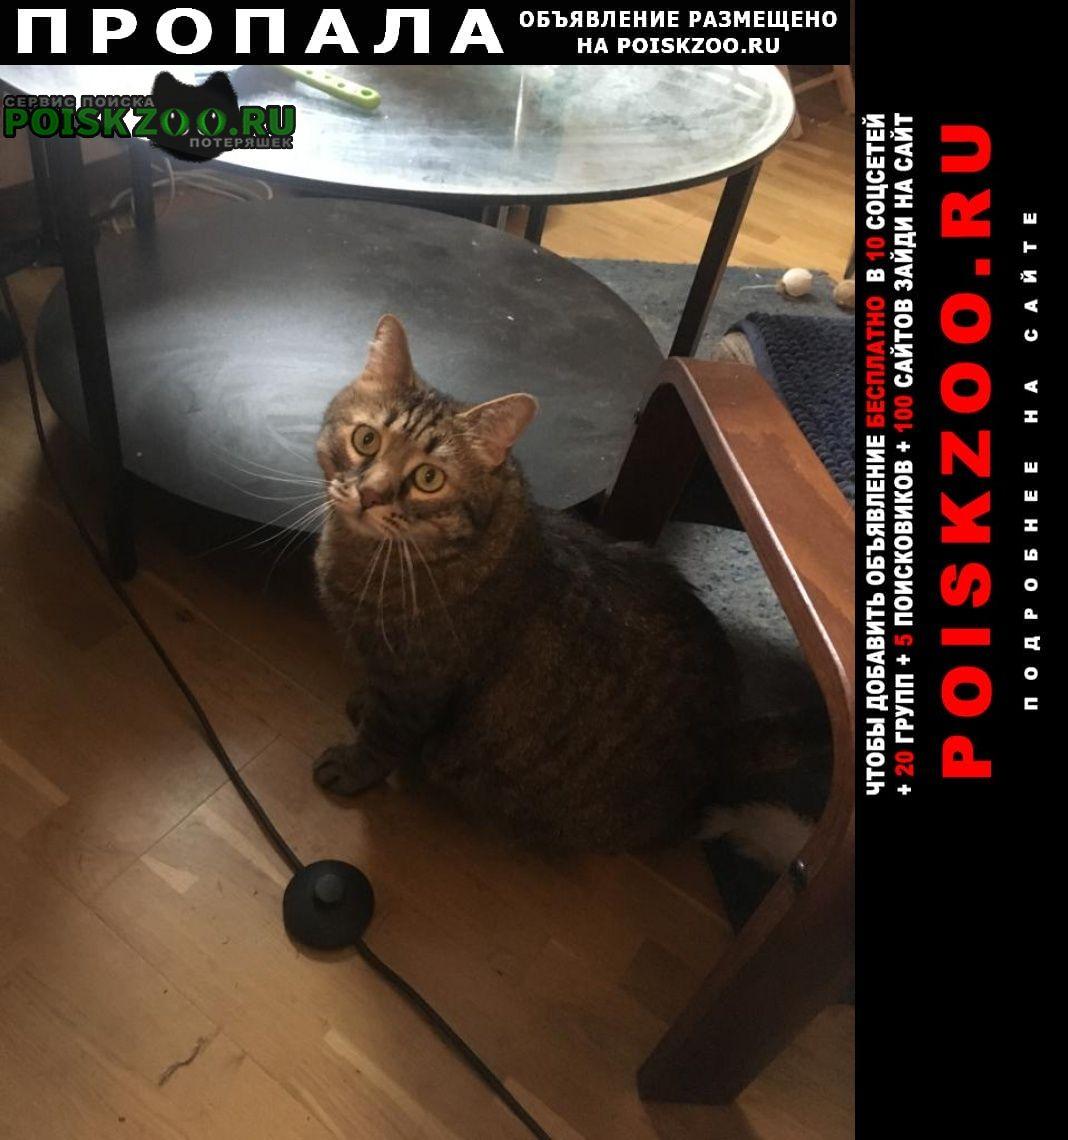 Пропал кот Химки